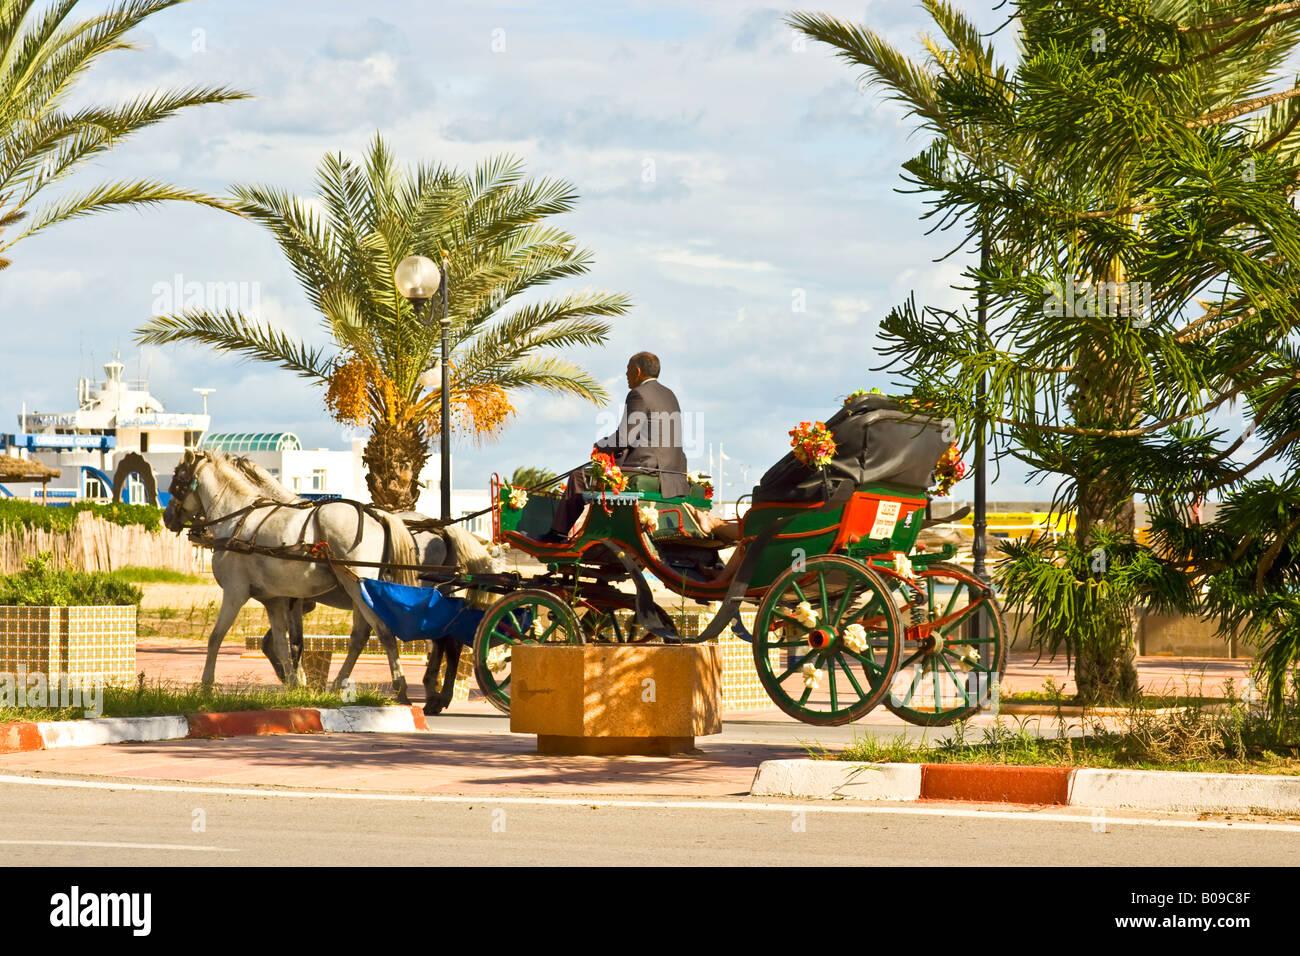 Yasmine Hammamet Tunesia Tunisia - Stock Image